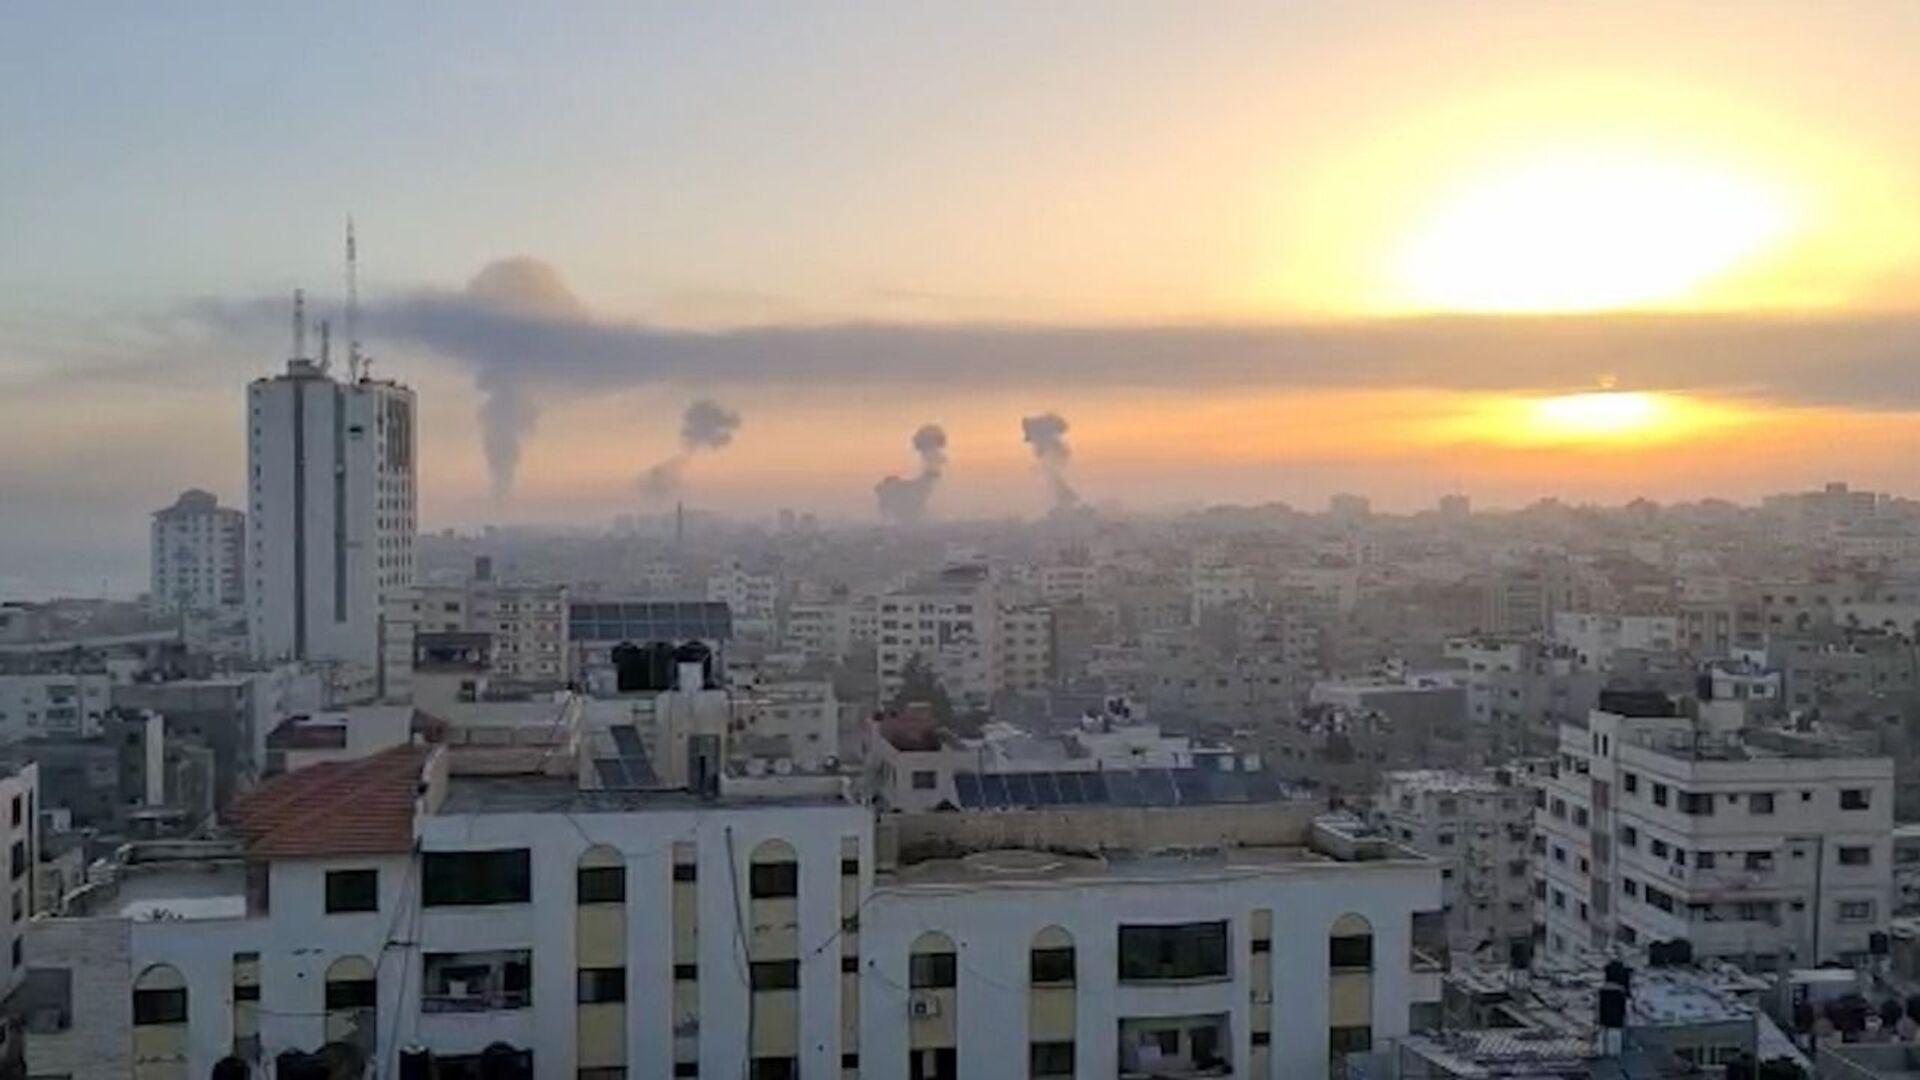 I militanti nella Striscia di Gaza hanno lanciato oltre 600 razzi contro Israele, di cui 200 sono stati intercettati dal sistema di difesa missilistico israeliano Iron Dome - Sputnik Italia, 1920, 20.05.2021